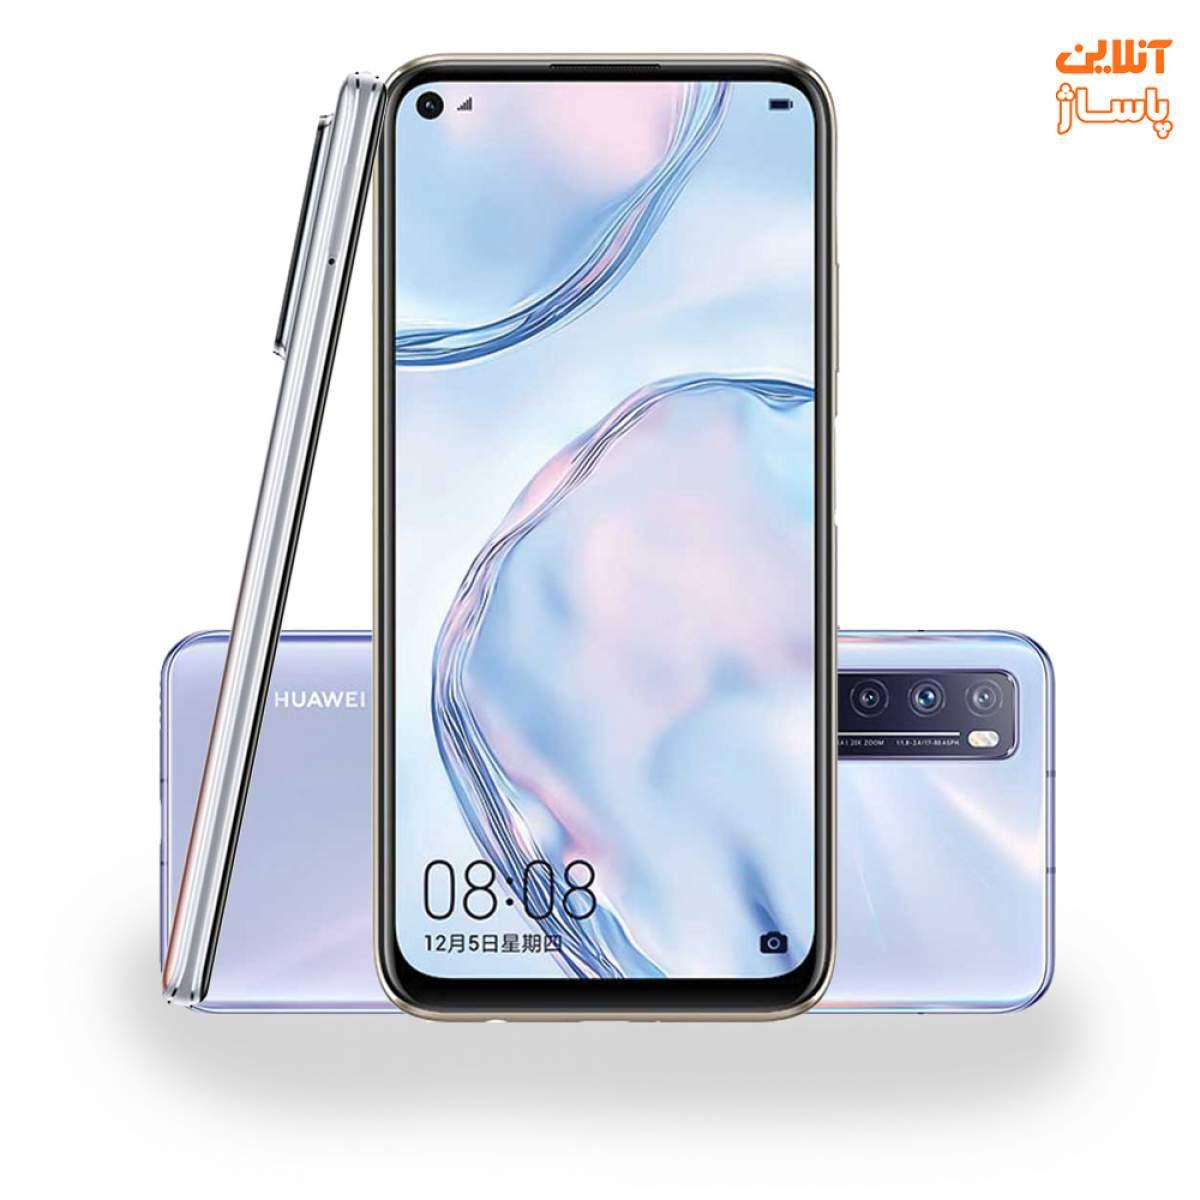 گوشی موبایل هوآوی مدل Nova 7 دو سیم کارت ظرفیت 256 گیگابایت